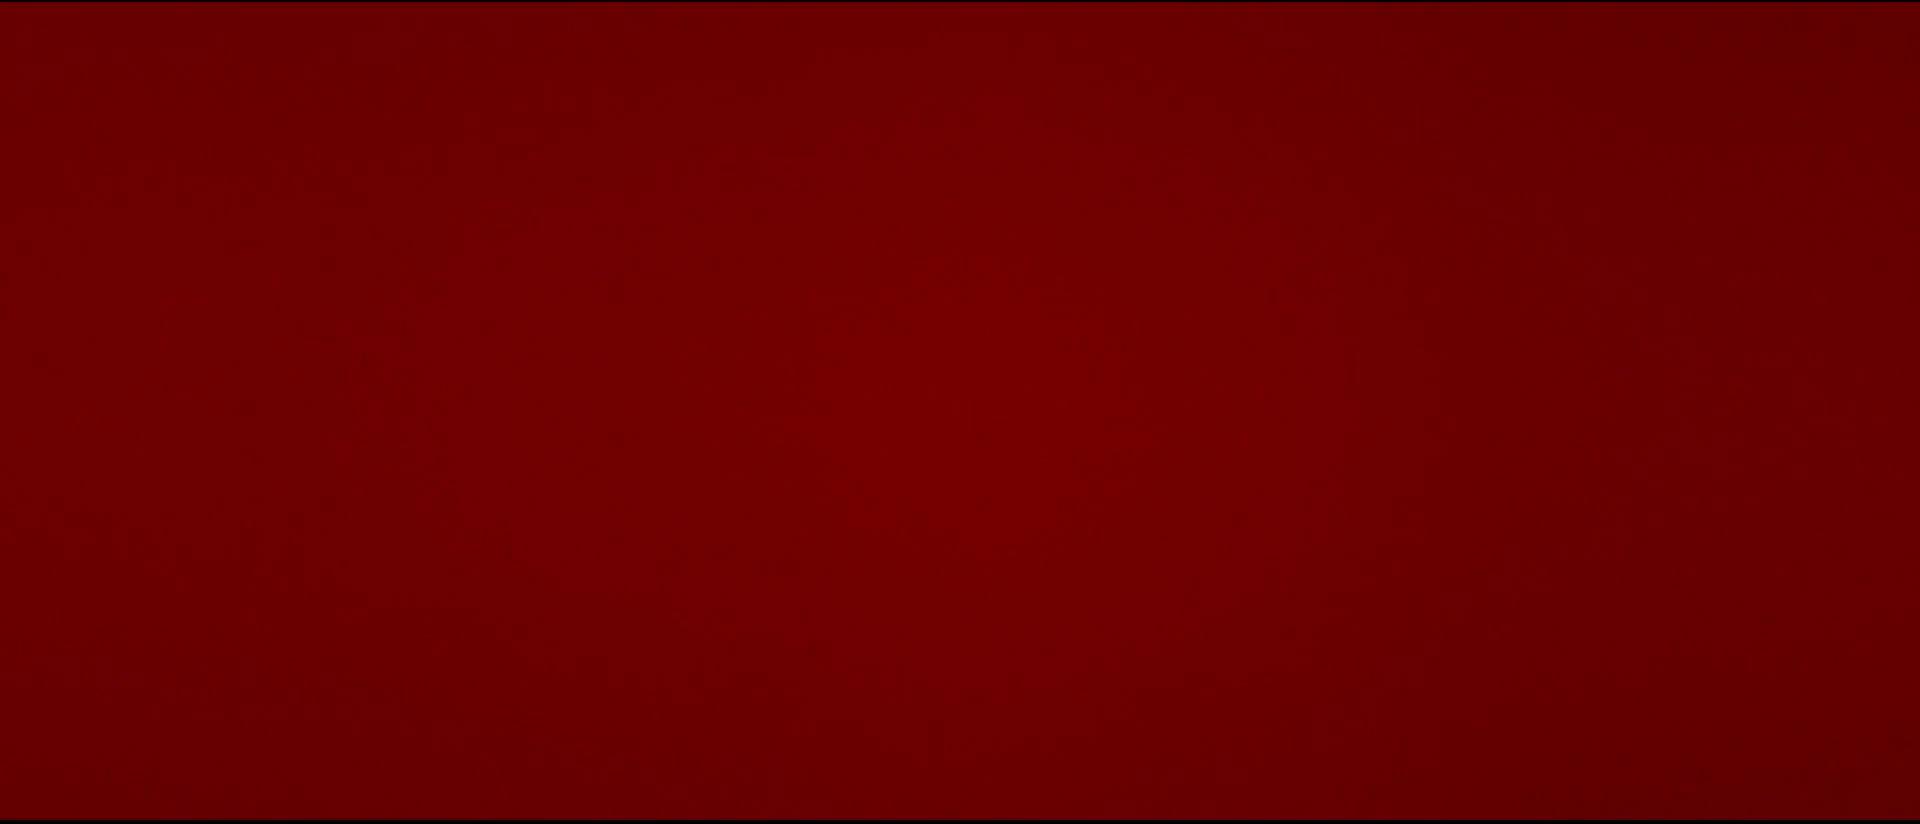 vlcsnap-2014-11-17-04h28m07s32